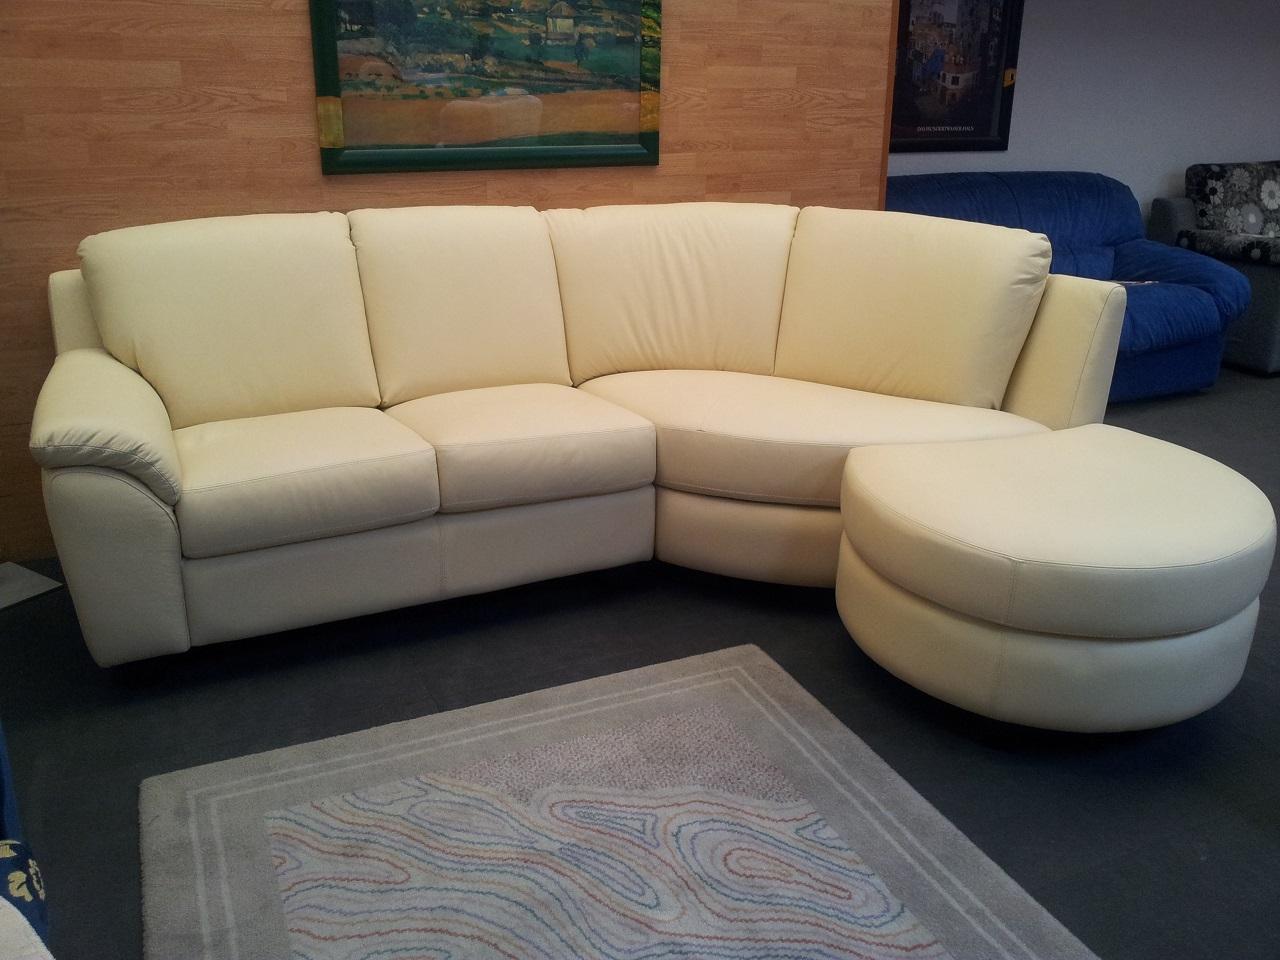 Divano angolare pelle divani a prezzi scontati for Divani e divani relax